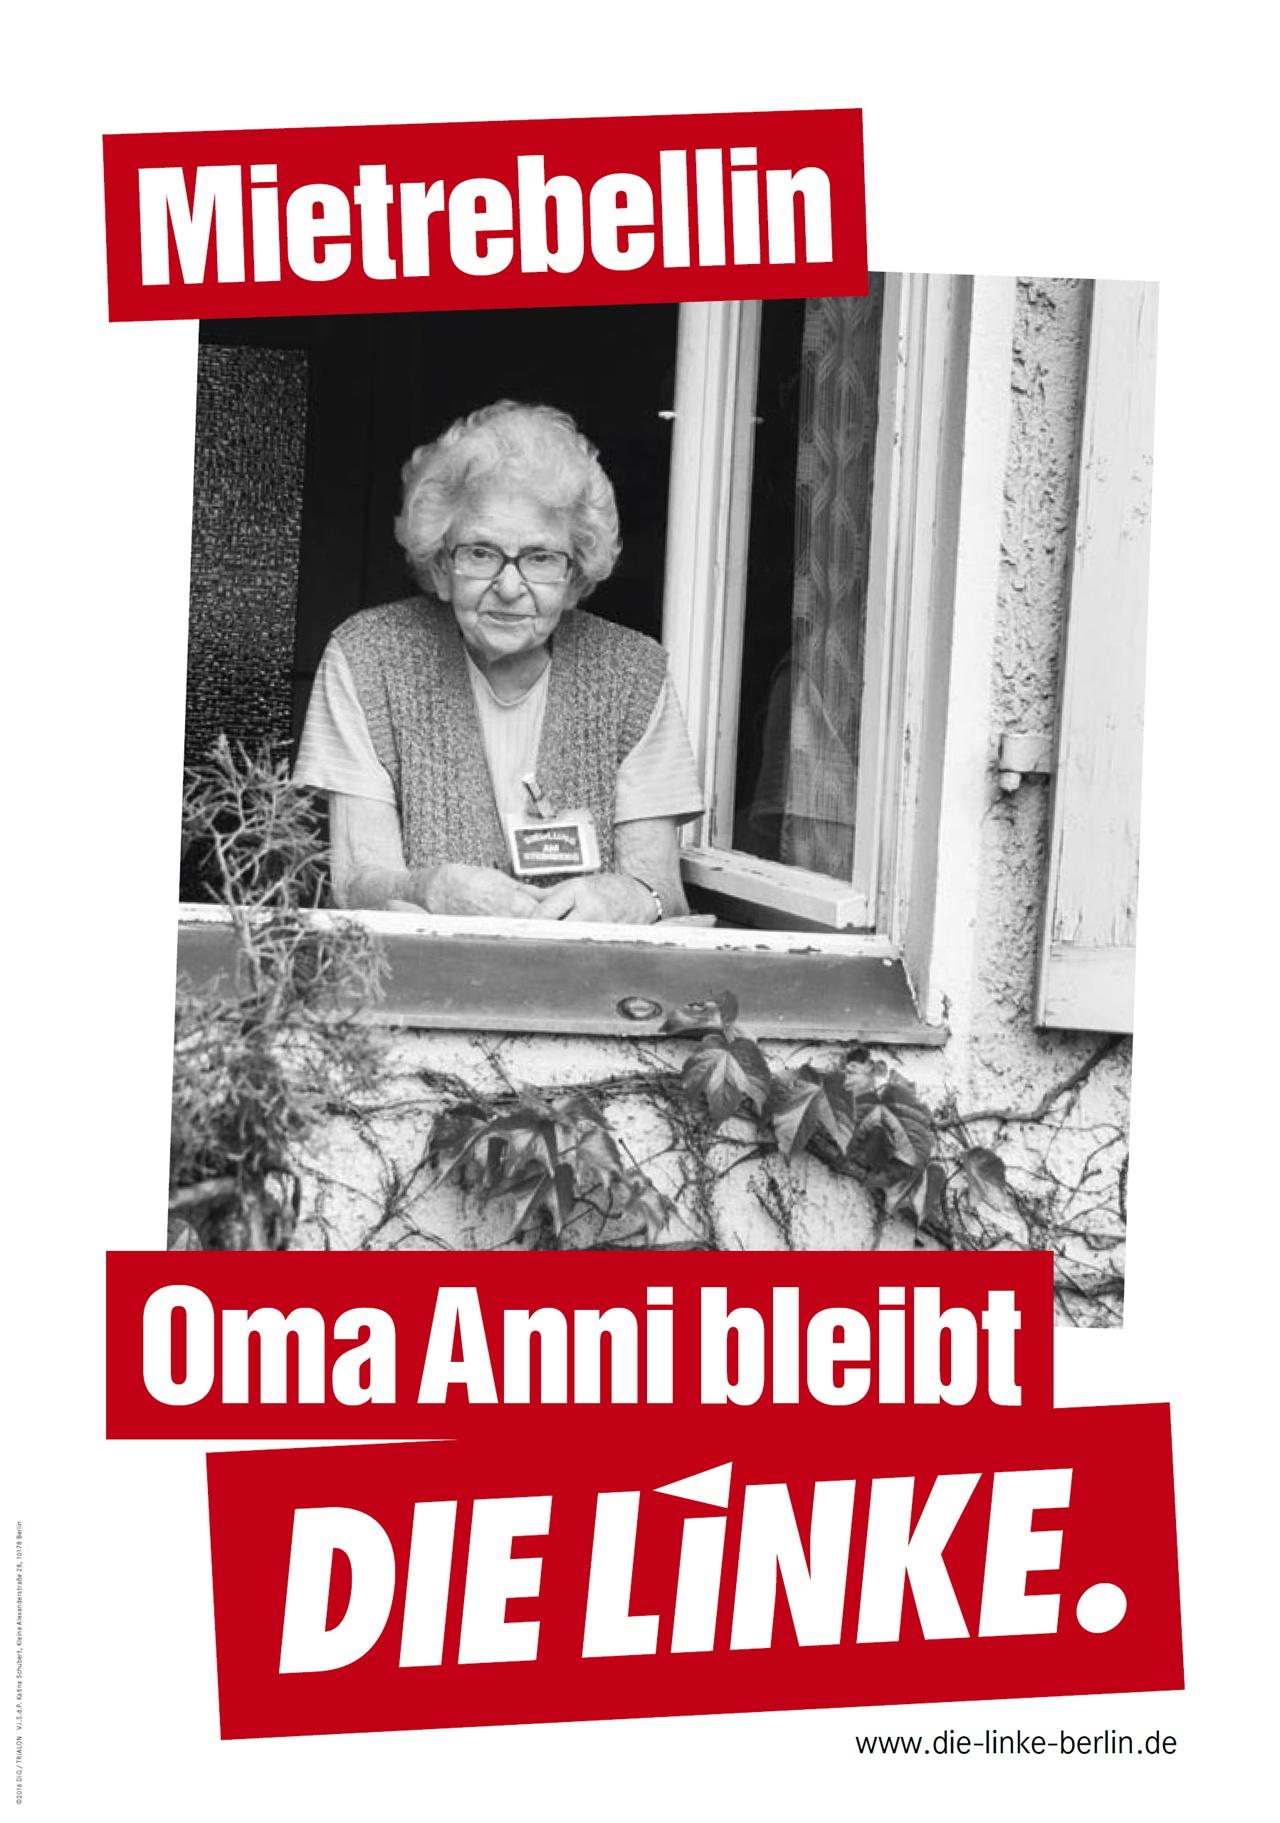 """좌파당의 선거 포스터 중 주거 관련 테마. 임대료 반항아. """"애니 할머니는 (지금 살고 있는 집에) 남는다."""" 이 포스터는 베를린 라이니켄도르프Reinickendorf에서 세입자 투쟁을 한, 이제는 하나의 상징이 된 95세 애니 렌즈(Anni Lenz)의 모습을 담았지만 사진을 사용하에 대한 동의를 하지 않은채 사용했다가 논란이 있었다. 게다가 애니 렌즈는 오랜 세월 좌파당이 아닌 사민당을 찍어온 것으로 기사를 통해 밝히면서, 앞으로도 계속 사민당을 뽑을 것이라고 밝히기도 하며 곤욕을 치르기까지 했다."""